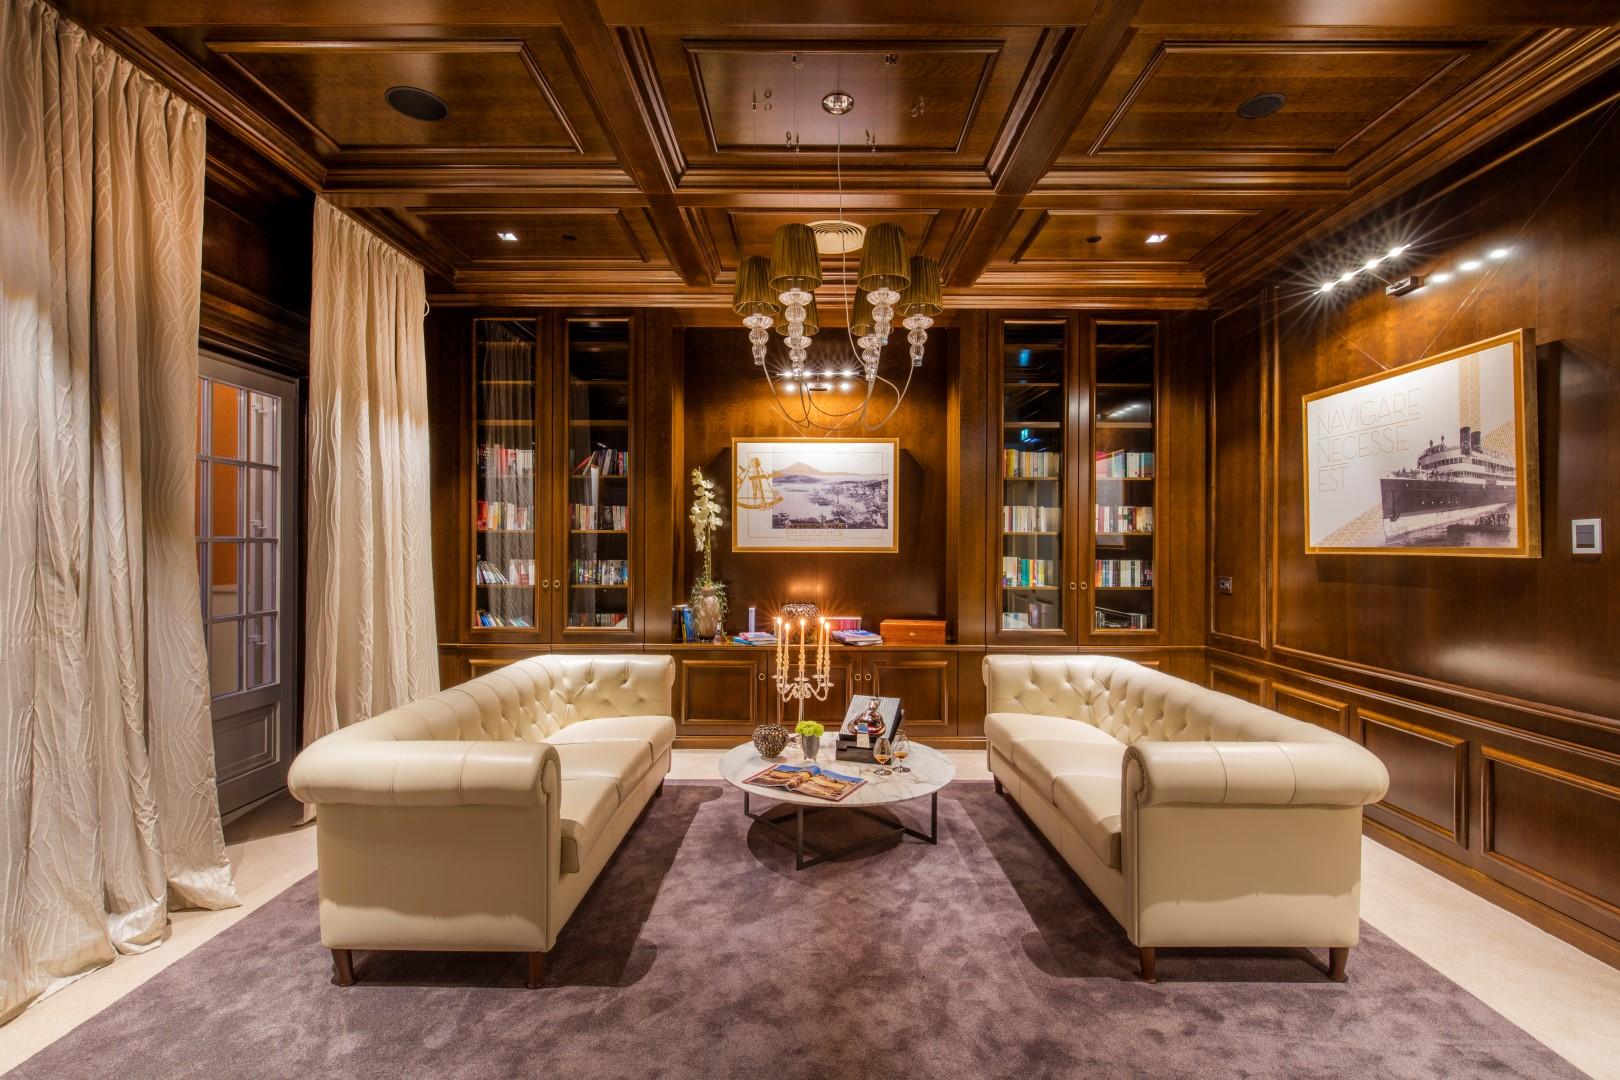 fotografija luksuznog interijera hotela